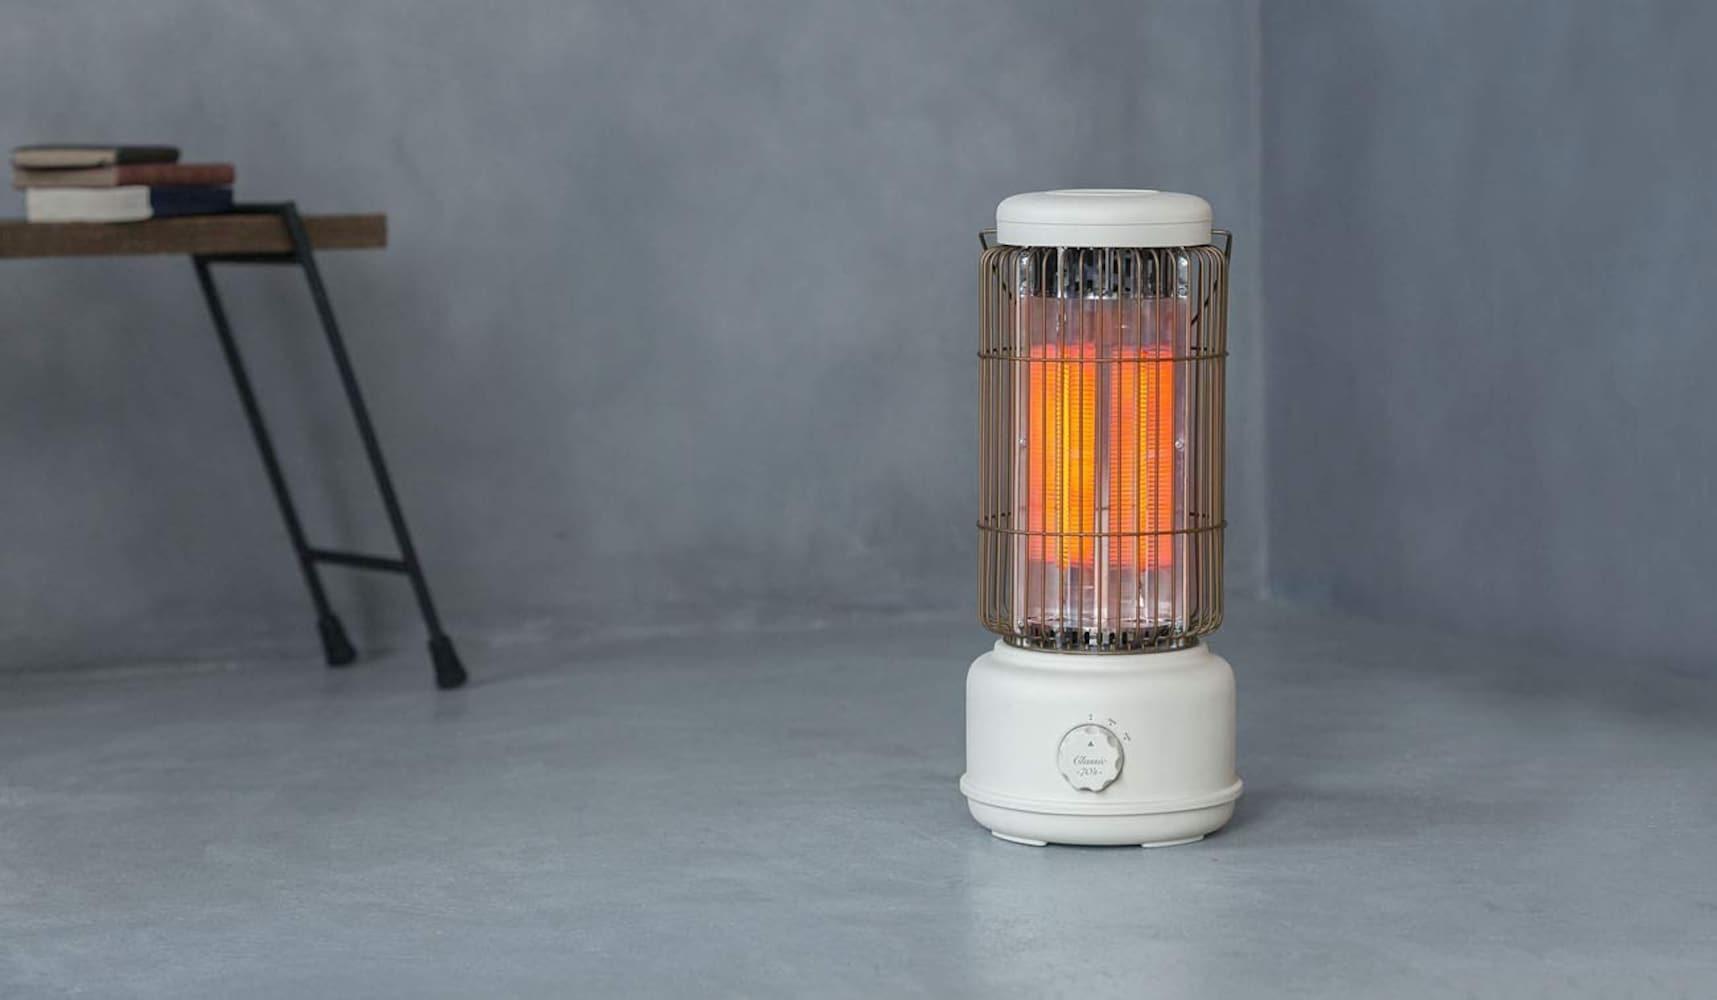 電源を入れてからすぐに暖まる、電気のみを熱源とするので手軽さも◎